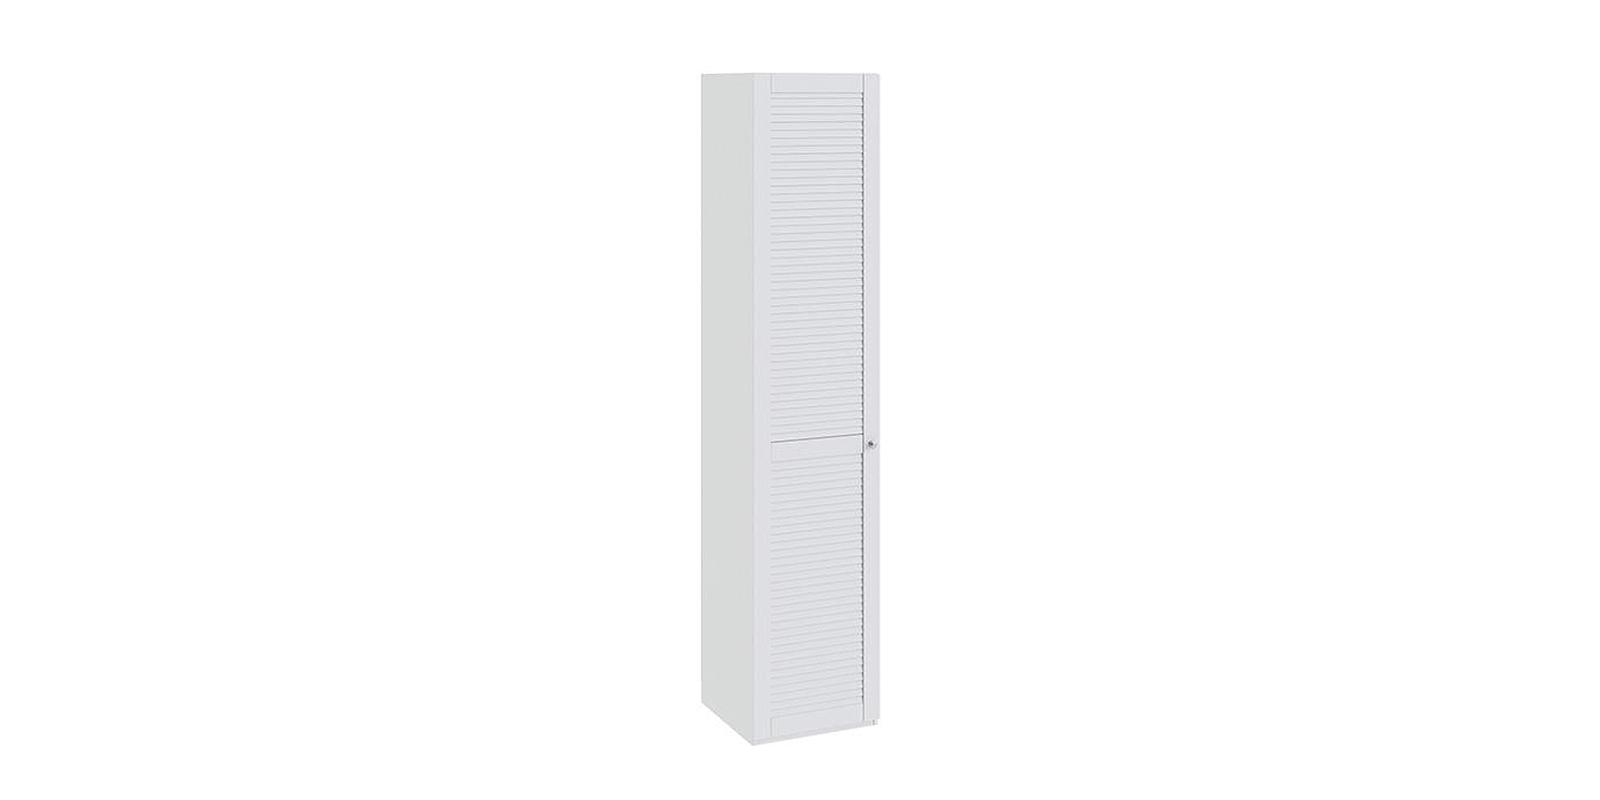 Шкаф распашной однодверный Мерида вариант №7 левый (белый)